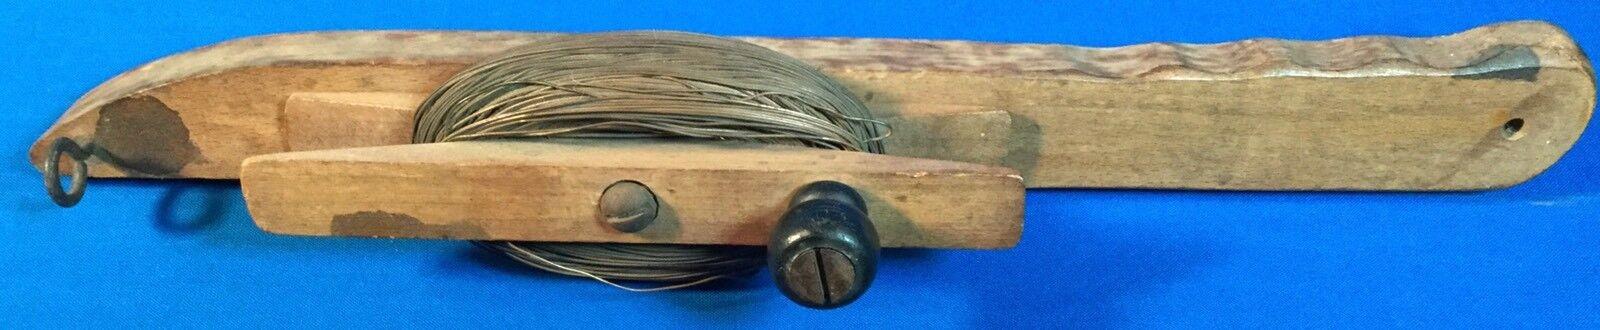 De Colección de Madera Pesca Línea de cobre de línea de mano de madera de mano manivela Carrete primitivo